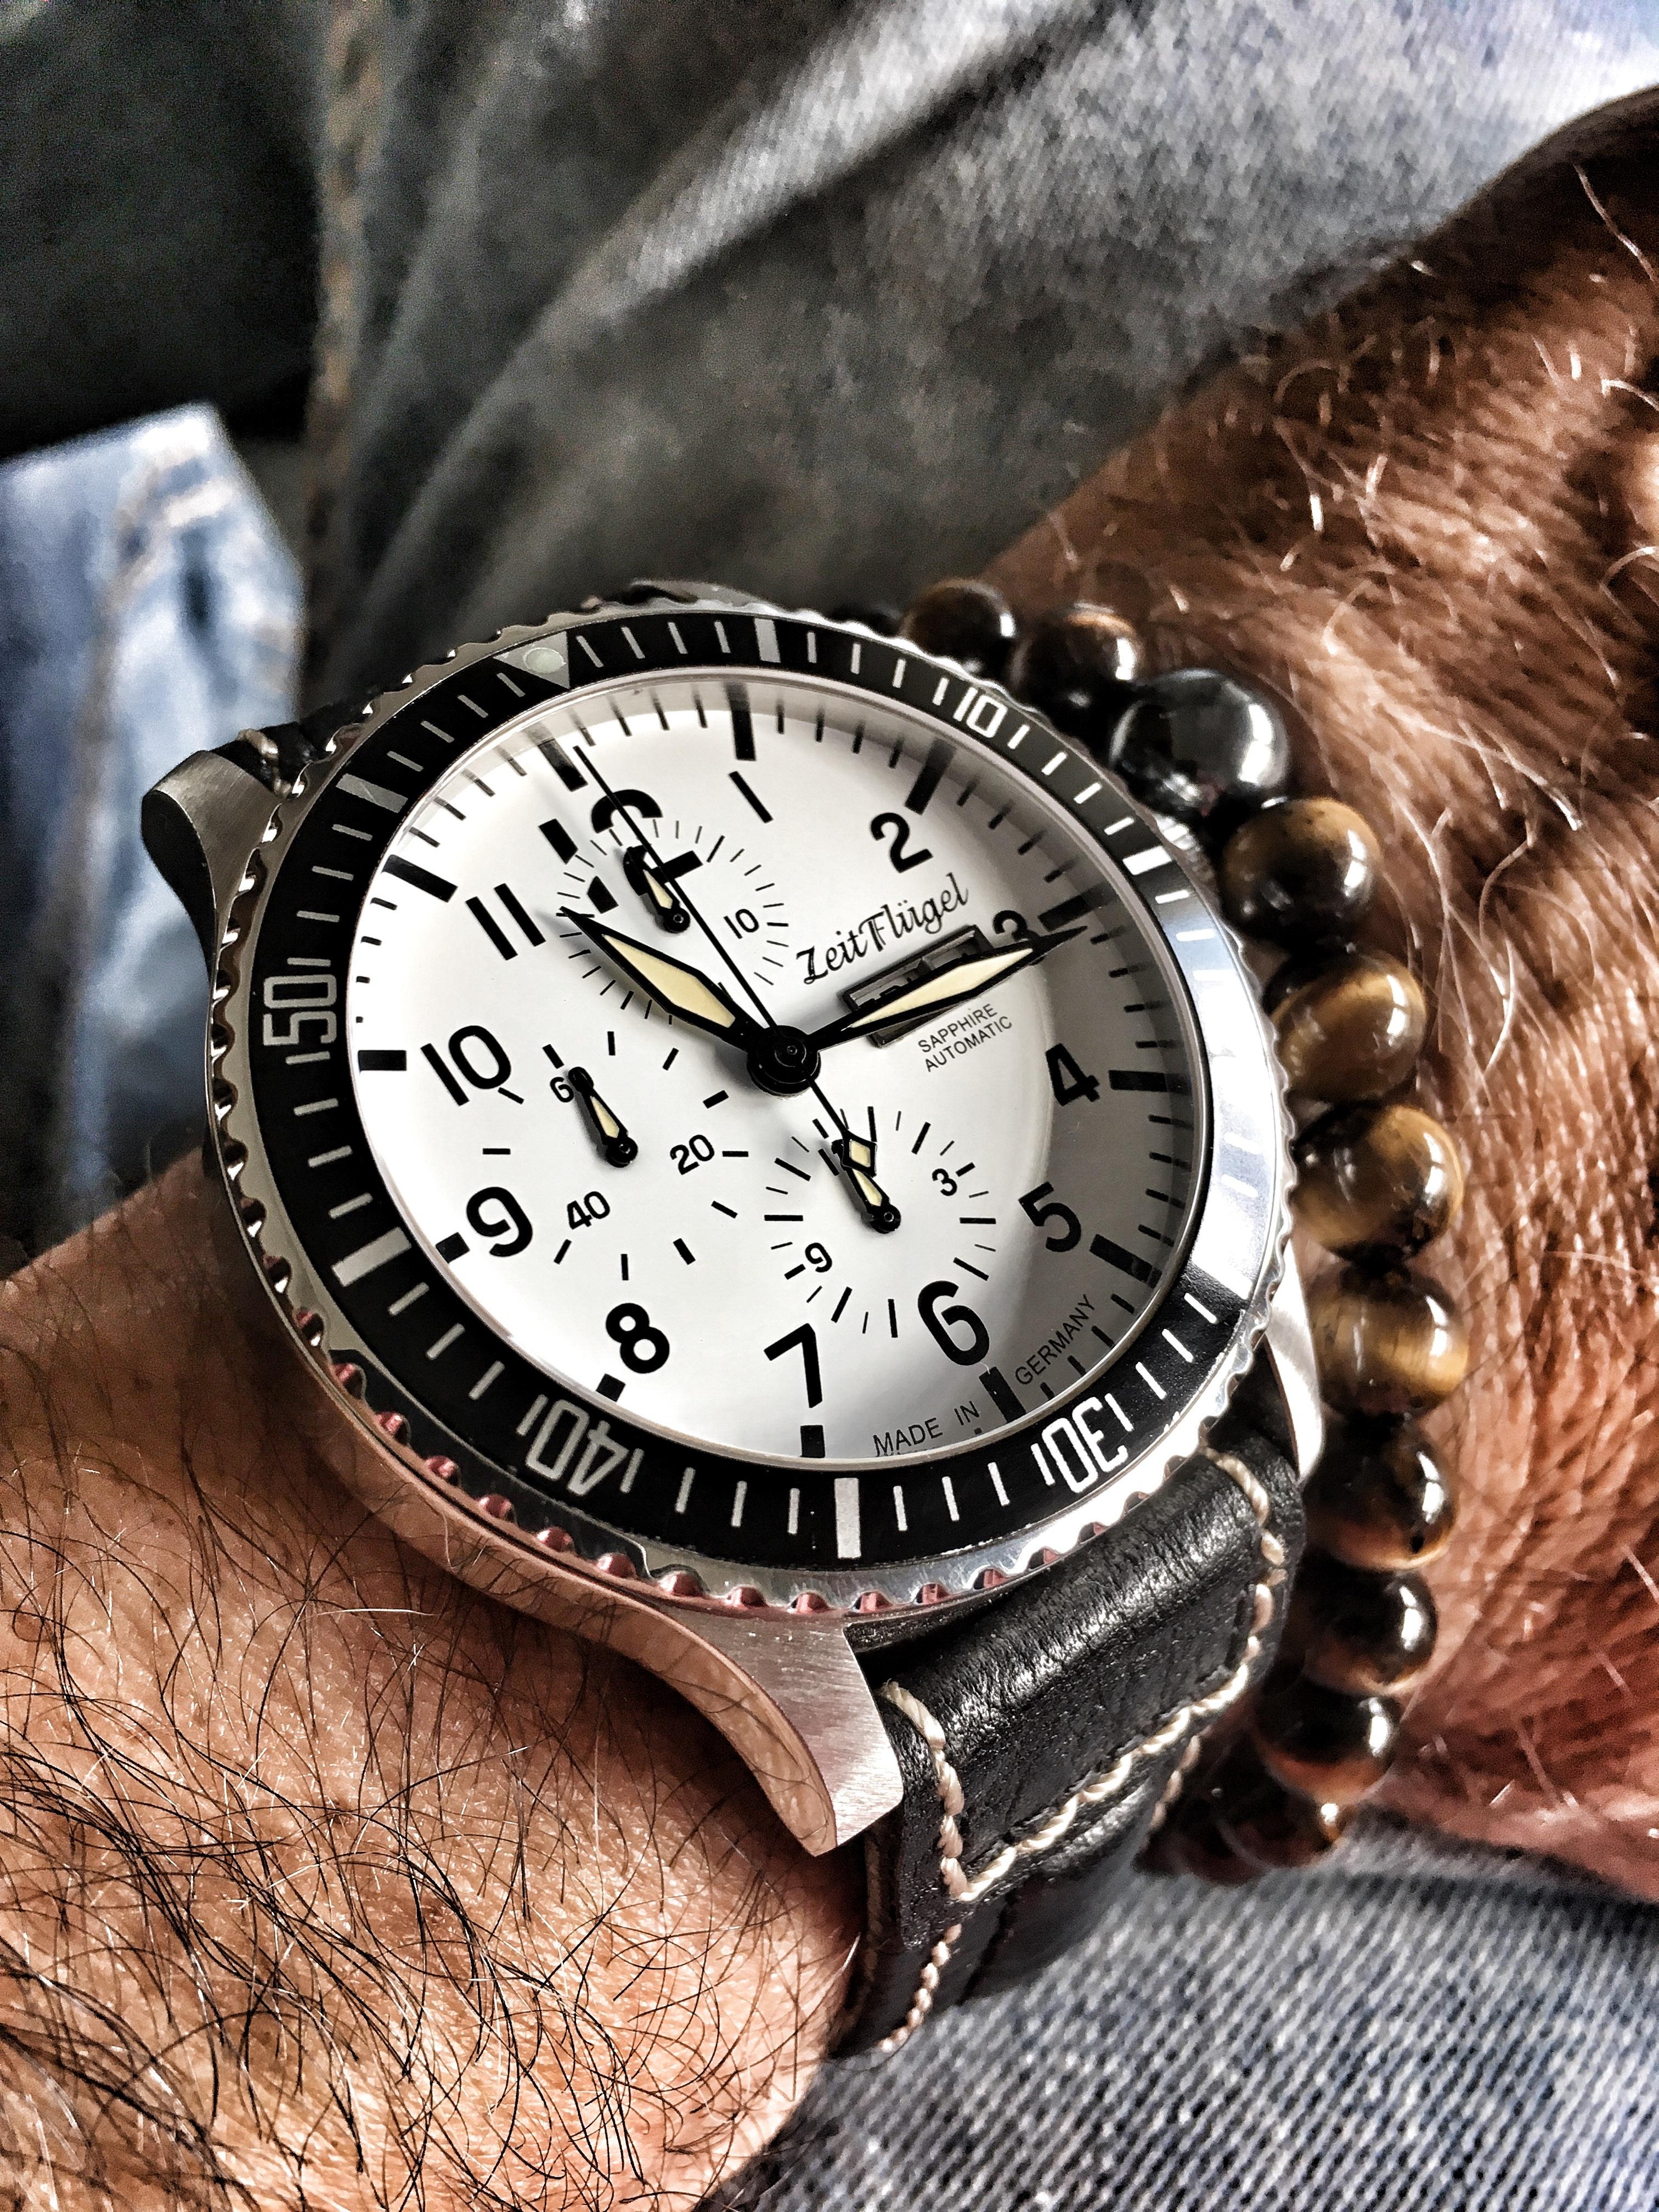 Наручные часы с картинками на циферблате где купить дешевые часы форум